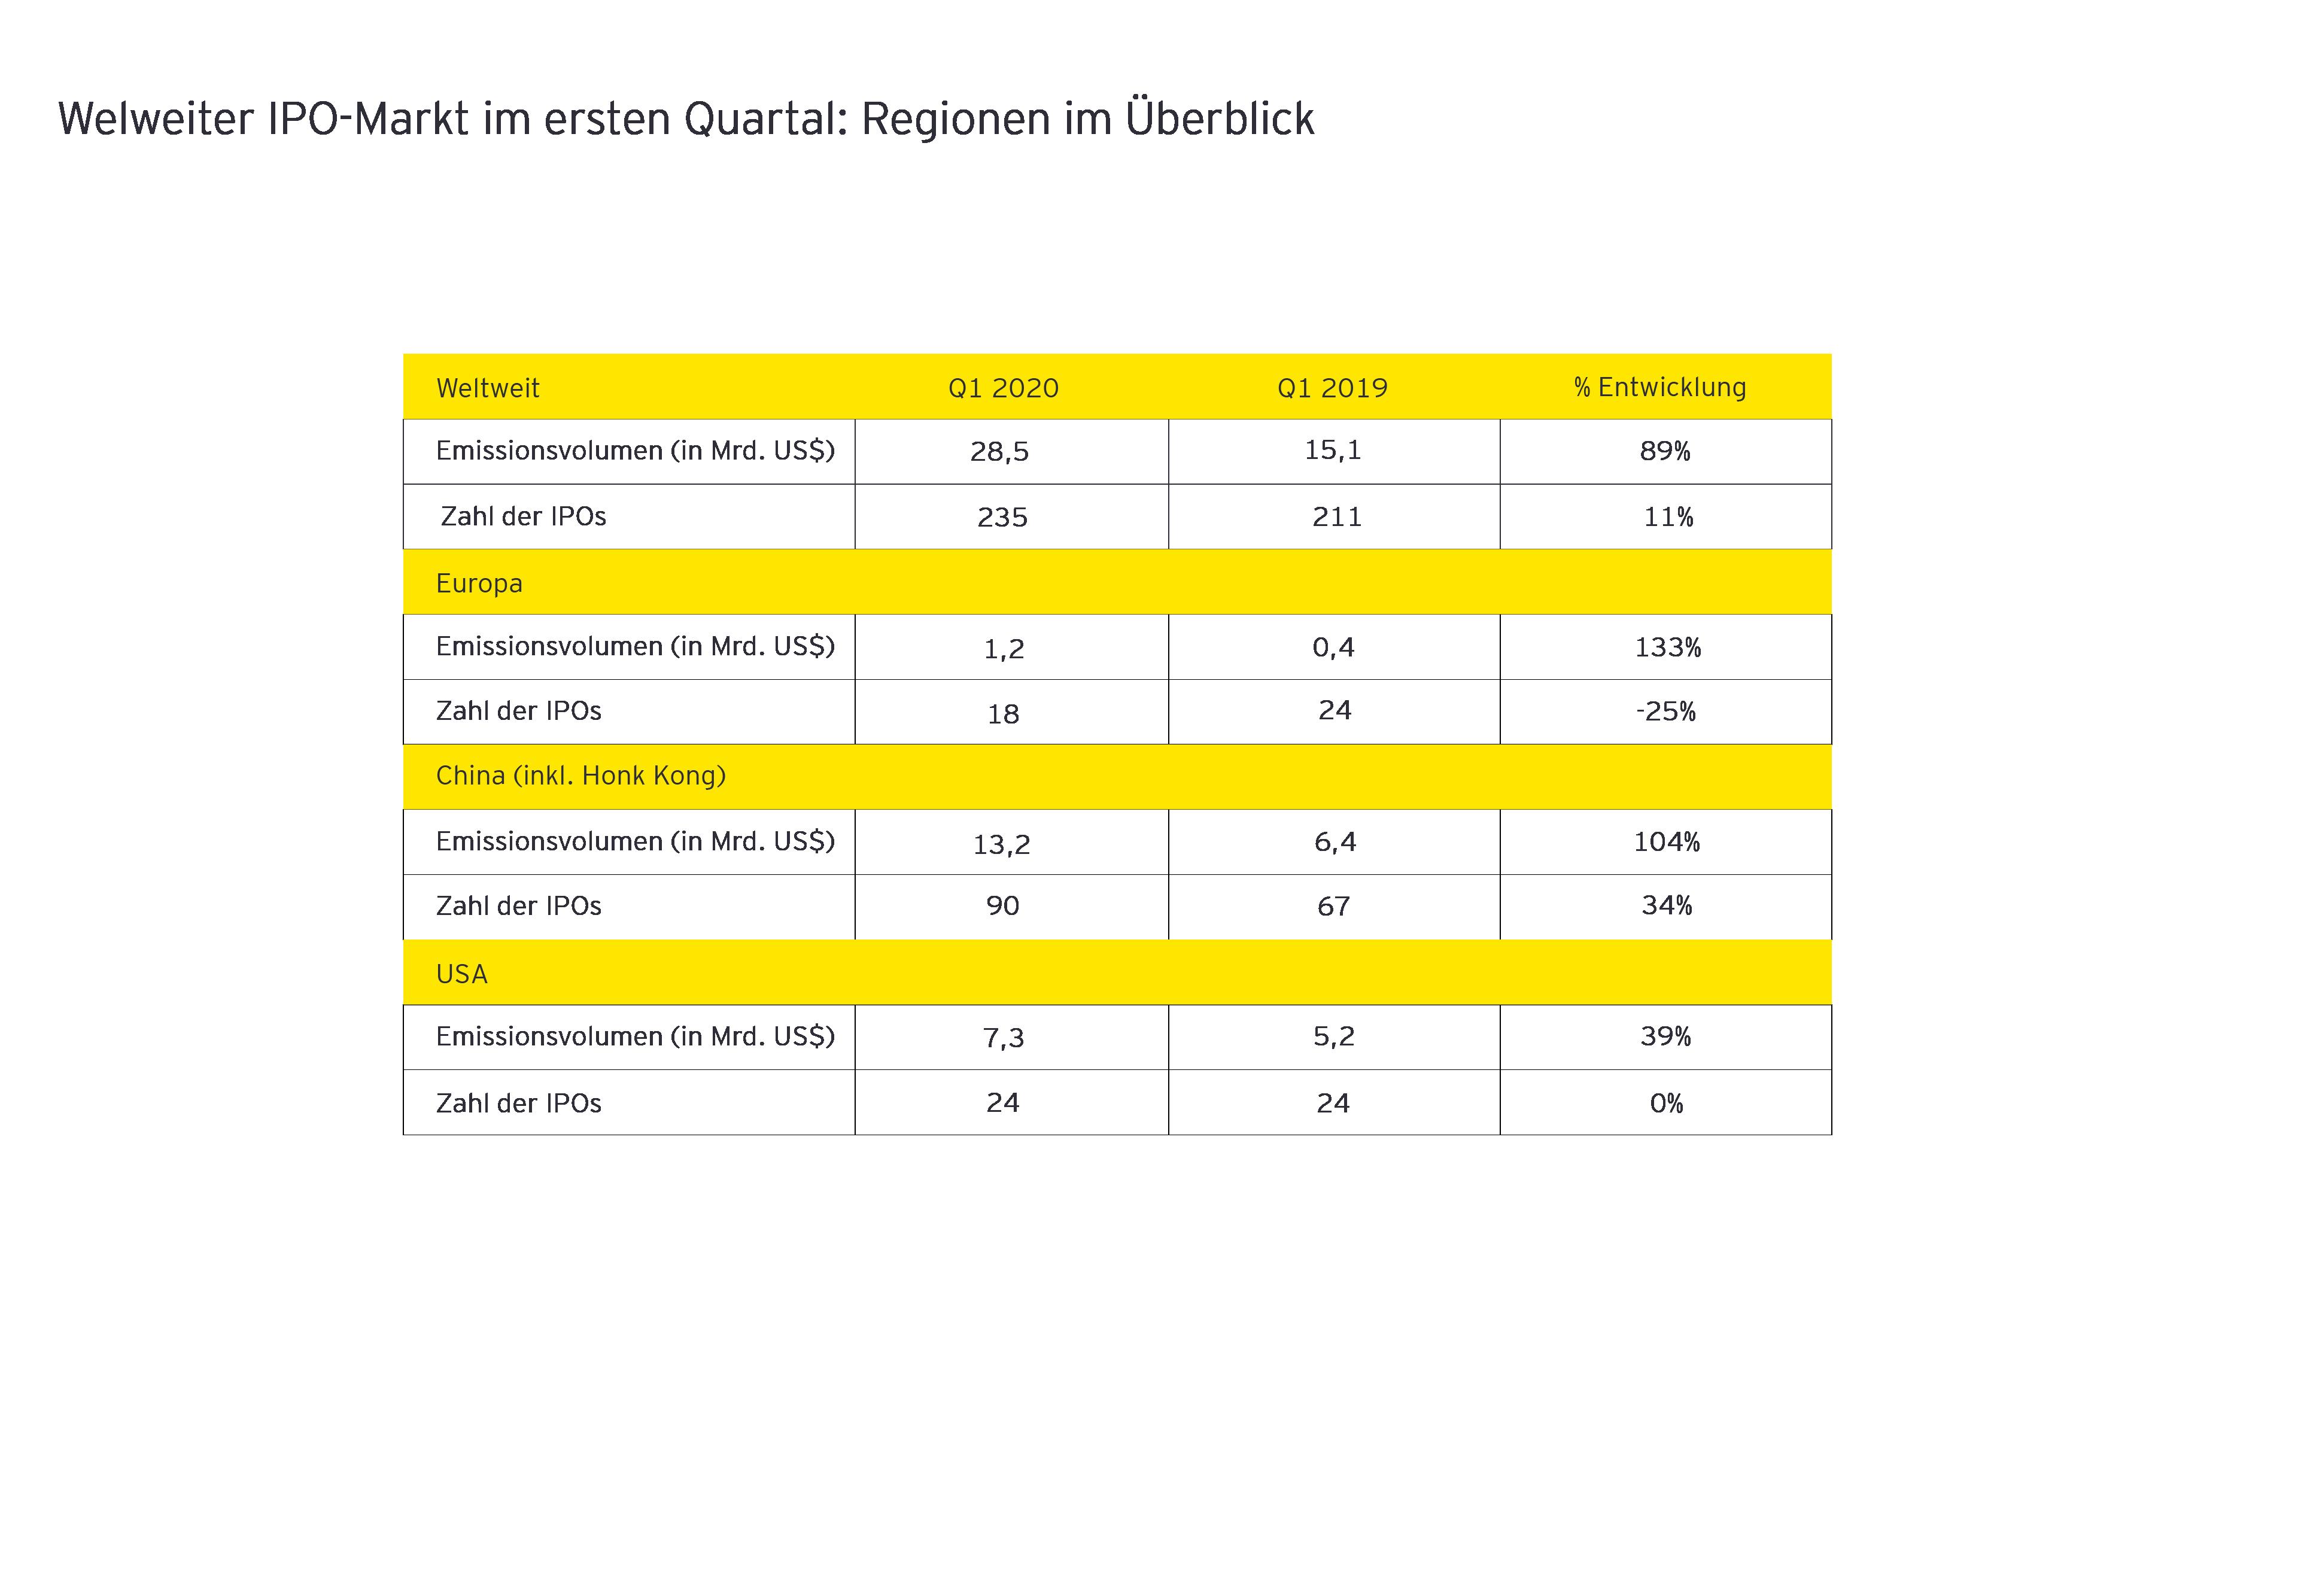 Weltweiter IPO Markt im ersten Quartal 2020